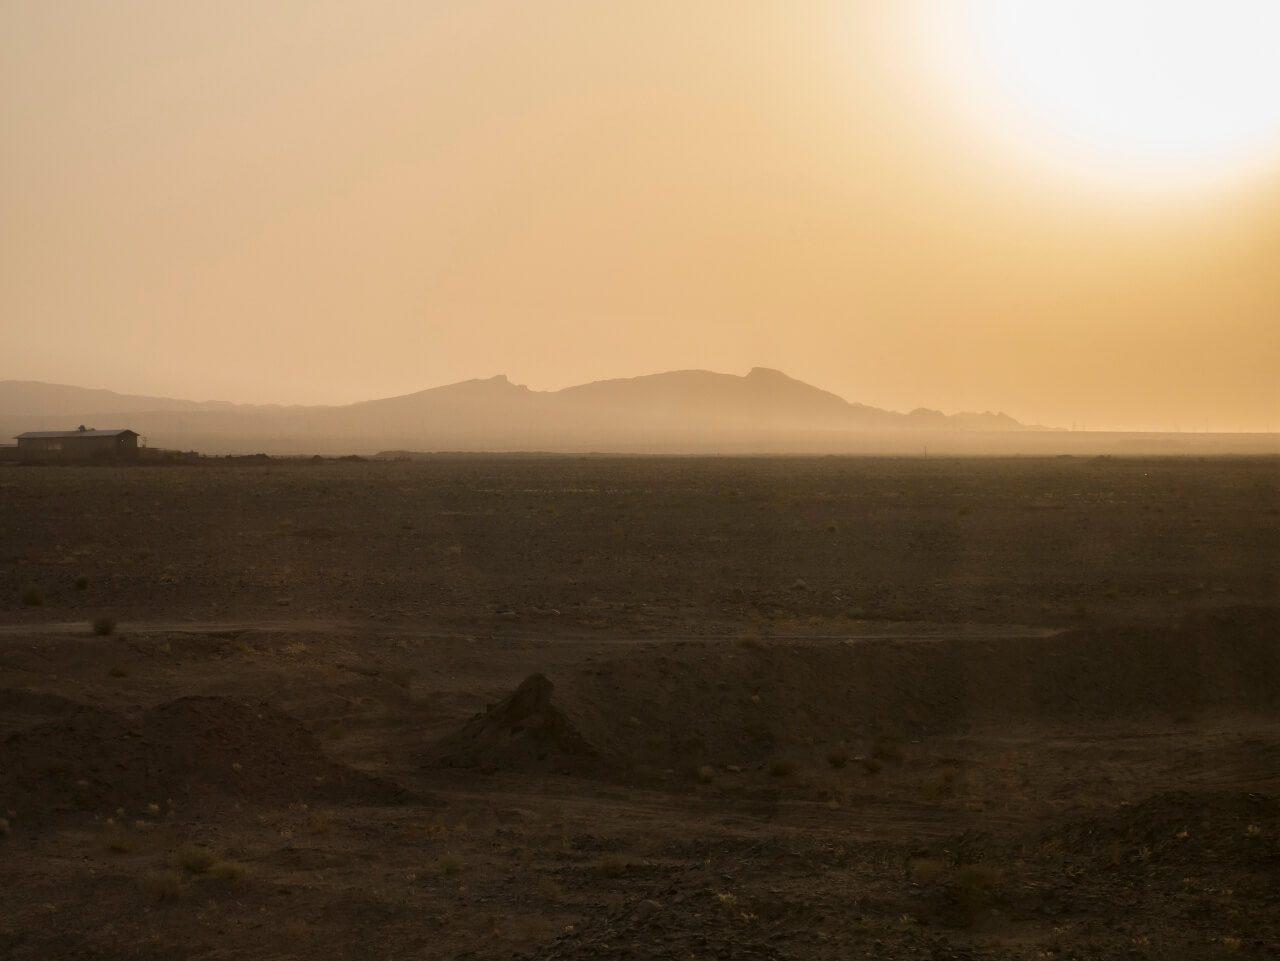 Zachodzące słońce na pustyni w Iranie